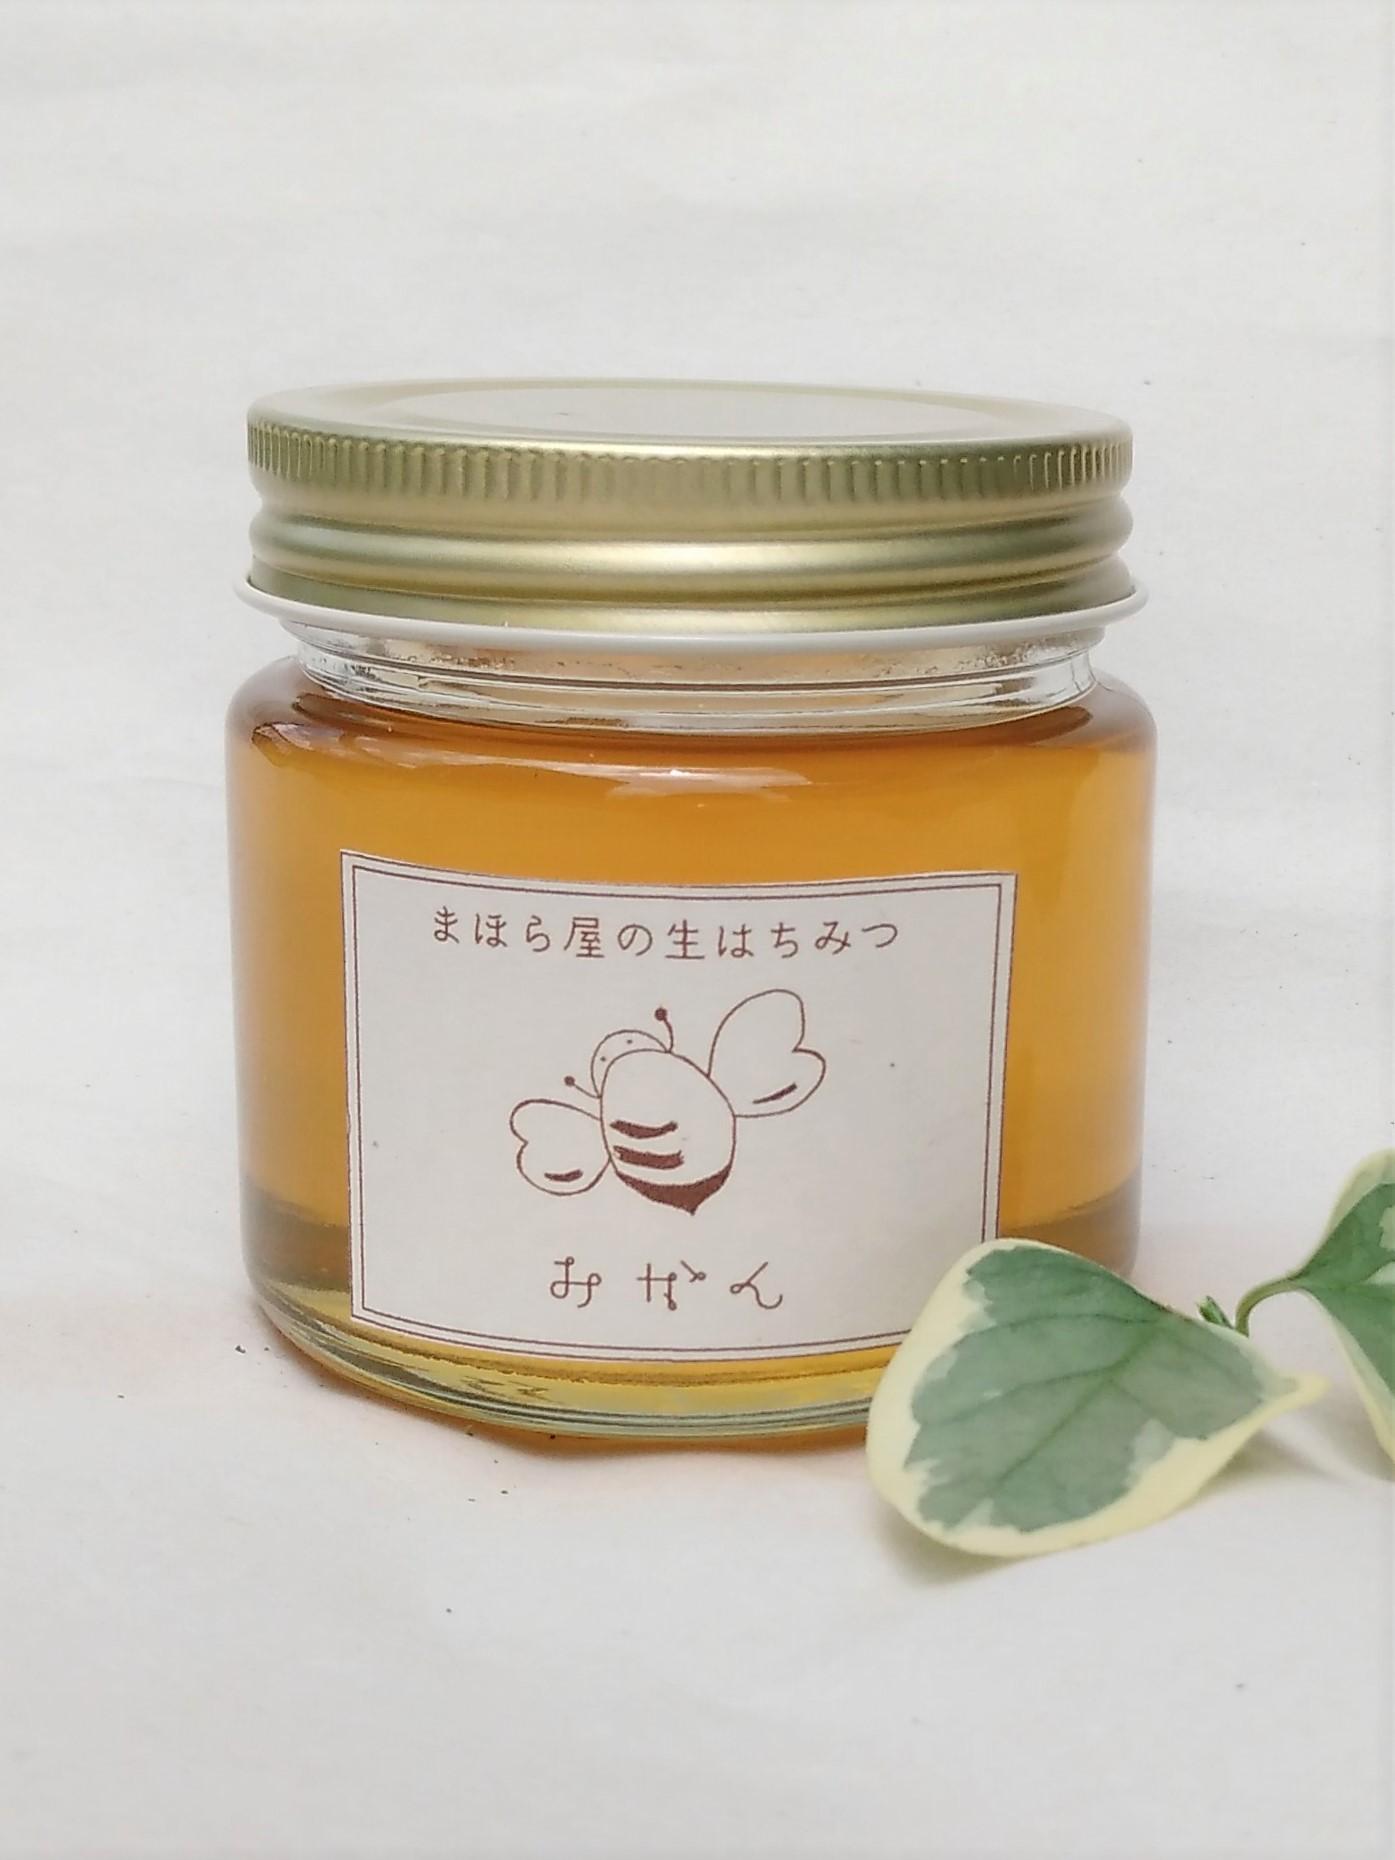 ☆2021年産☆湯河原産みかん蜂蜜150g画像